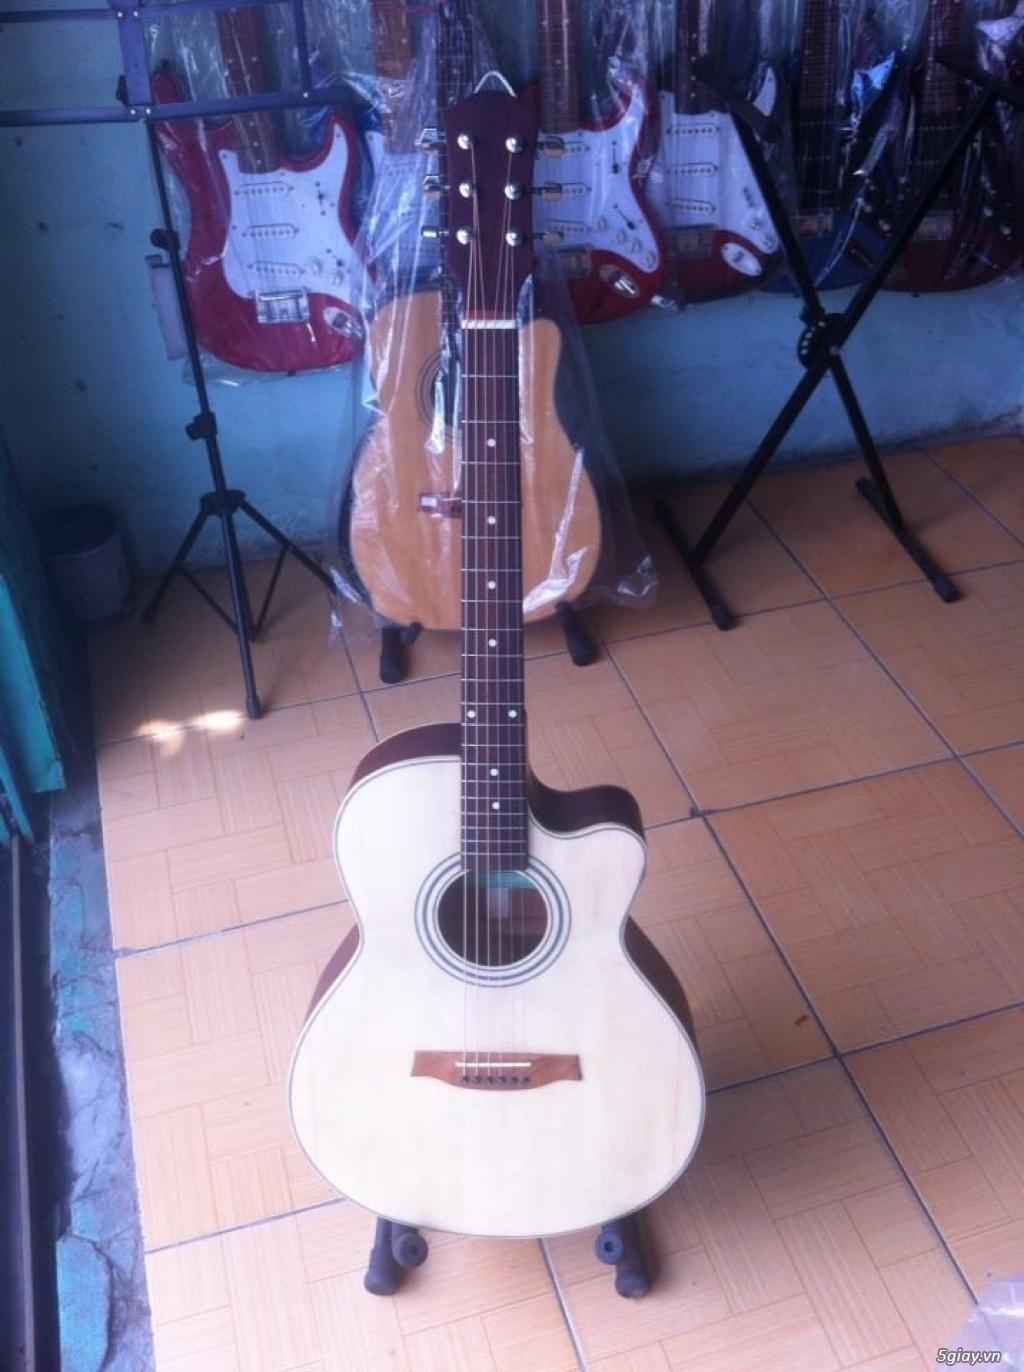 bán Đàn Guitar Giá Rẻ từ 390k tại cửa hàng nhạc cụ mới Bình Dương - 17